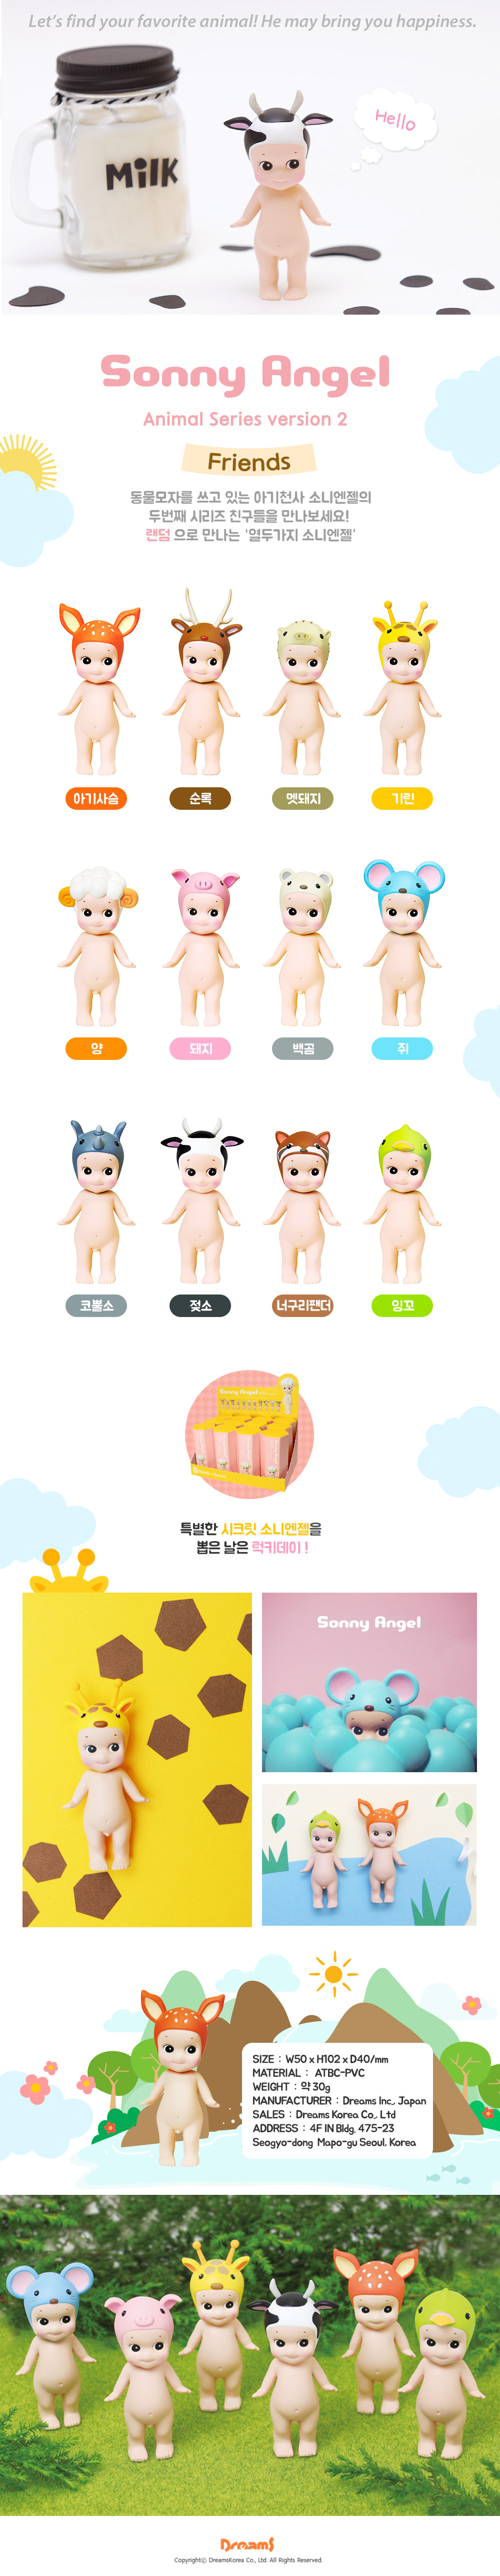 [드림즈코리아 정품 소니엔젤] 미니피규어_Animal 2 ver (랜덤) - 소니엔젤, 7,400원, 캐릭터 피규어, 소니엔젤